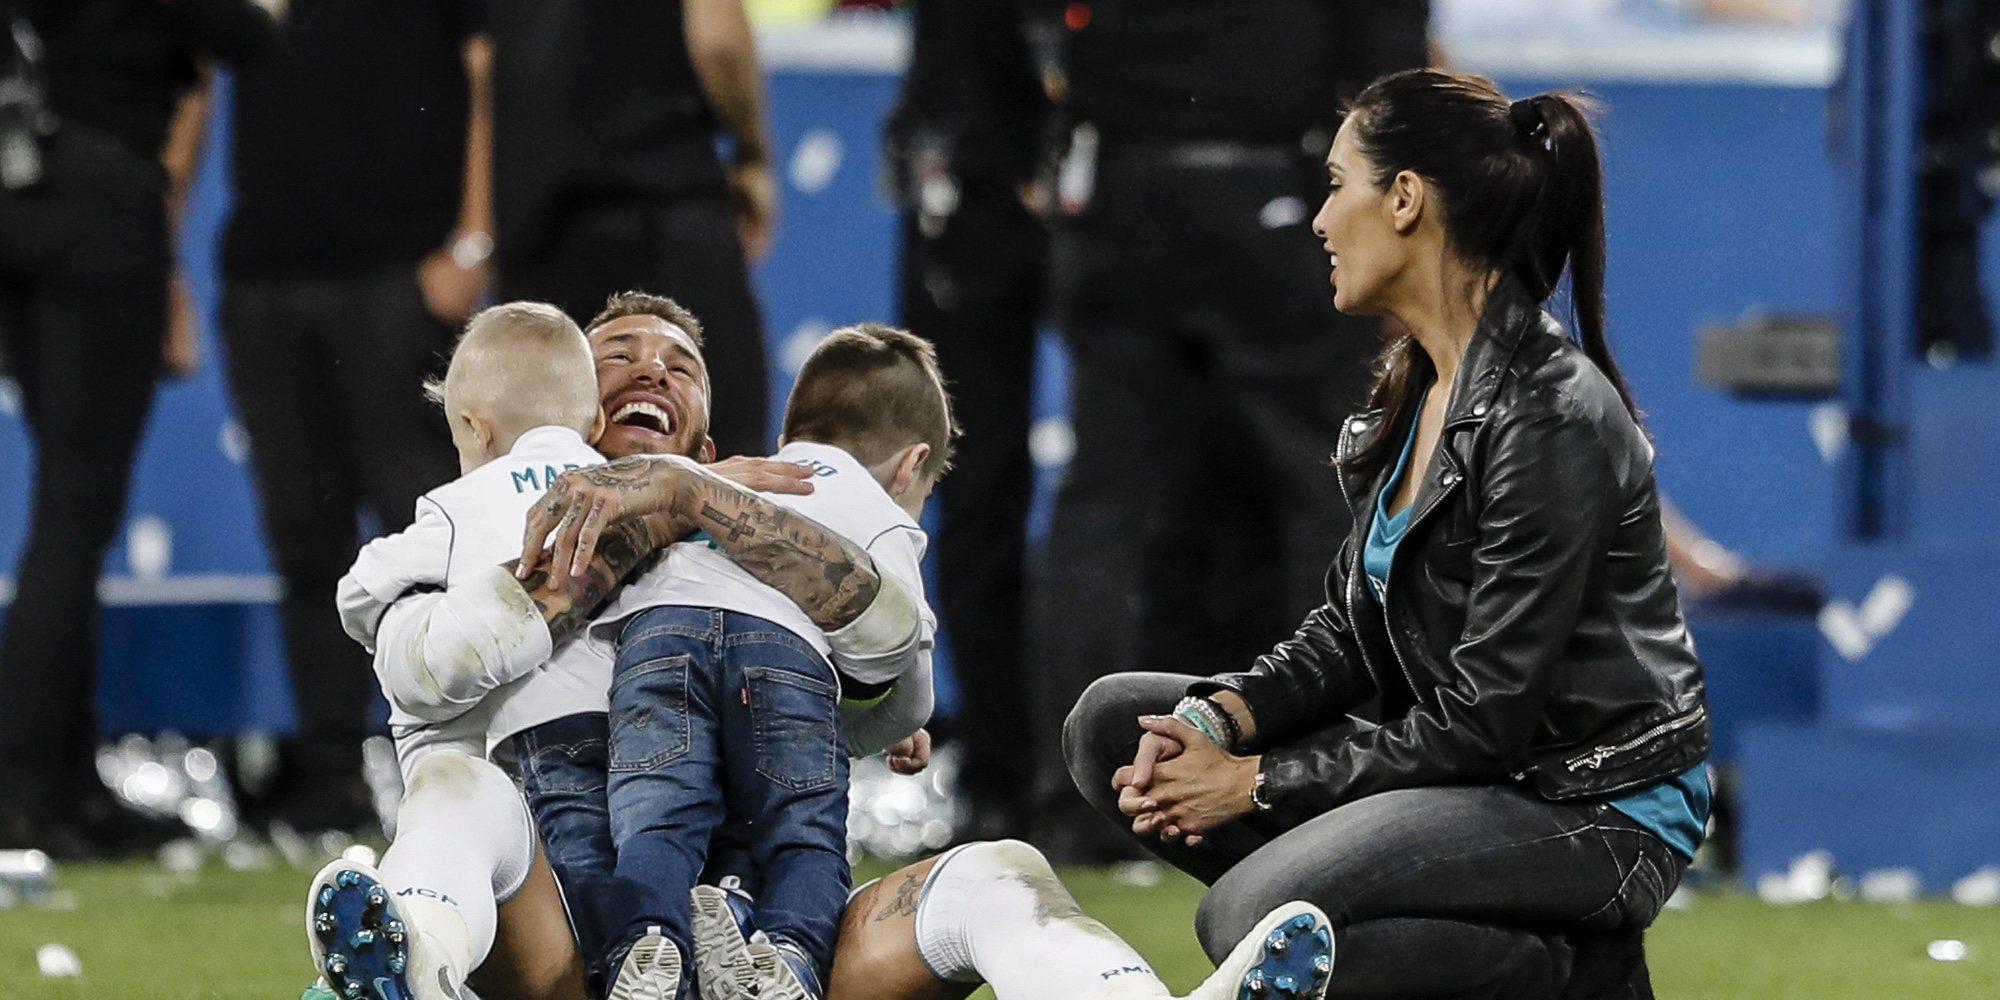 El duelo de ping-pong entre Pilar Rubio, Sergio Ramos y sus hijos: 'Ojitos azules' versus 'Sergios'